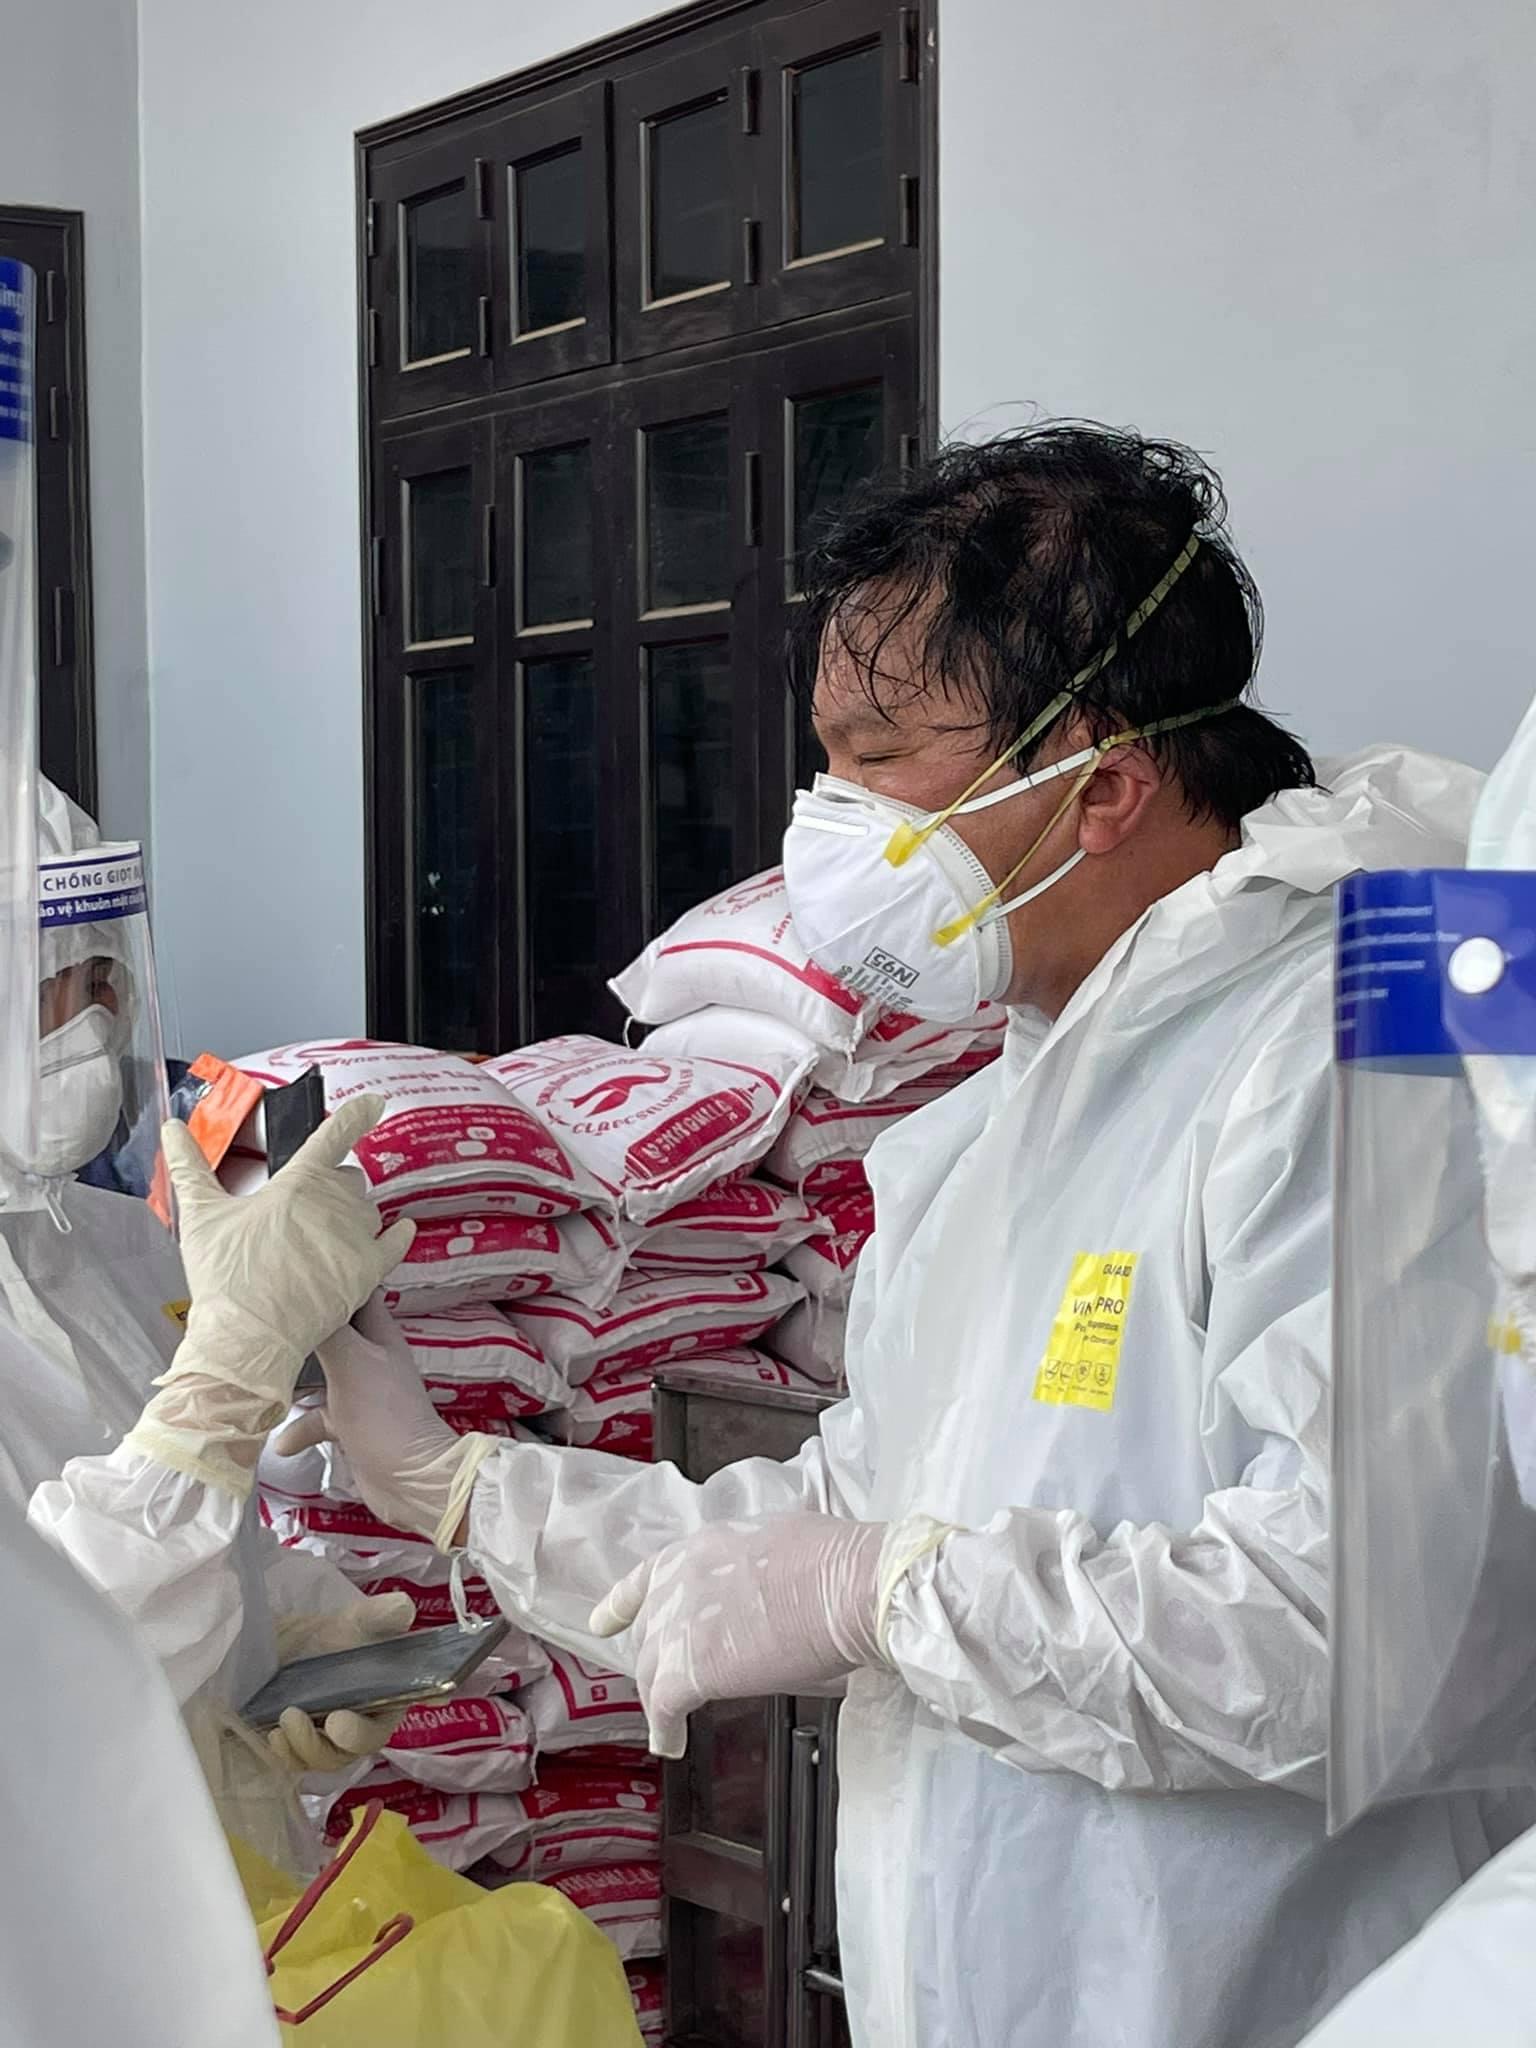 Nhân viên y tế mặc đồ bảo hộ giữa trời nắng nóng để chống dịch: Thứ trưởng Bộ Y tế nói gì? - hình ảnh 1